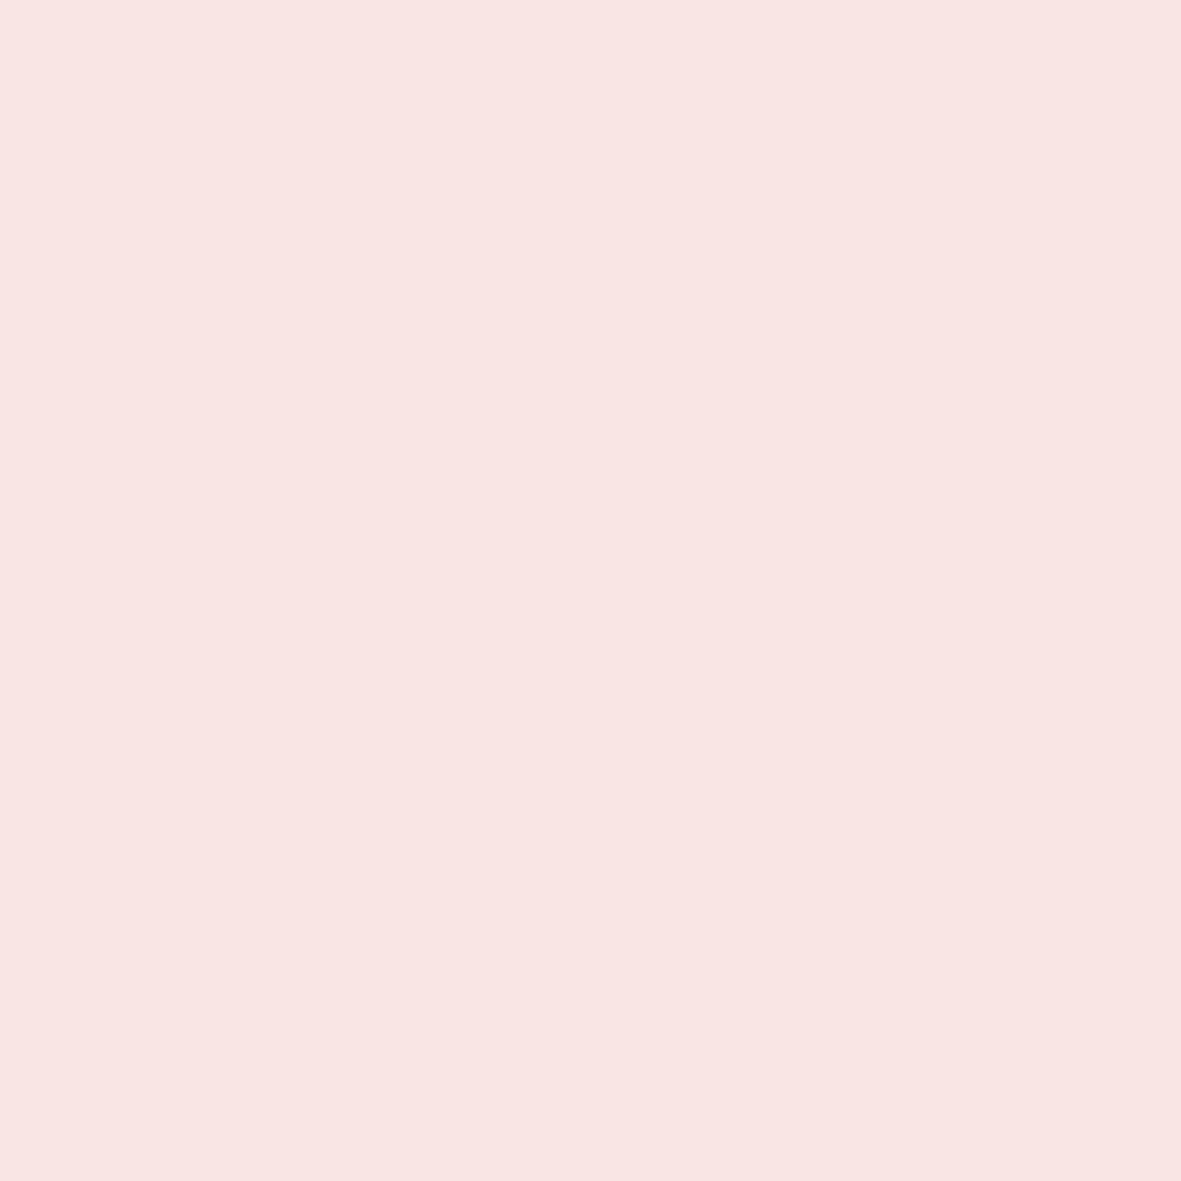 LY-KJ079微红色.jpg